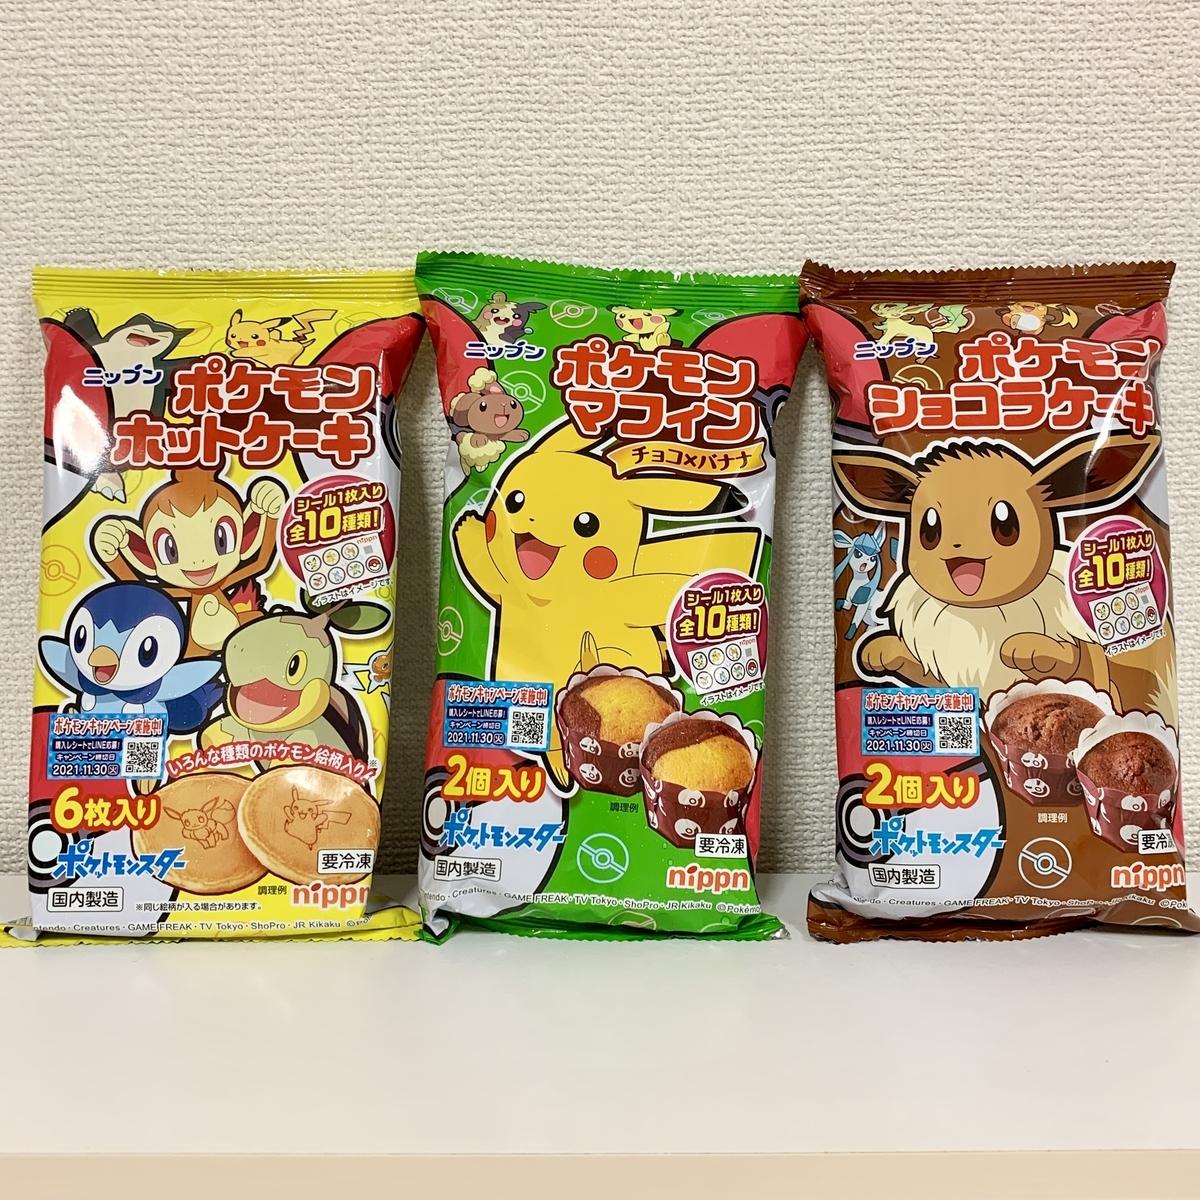 f:id:pikachu_pcn:20210905095249j:plain